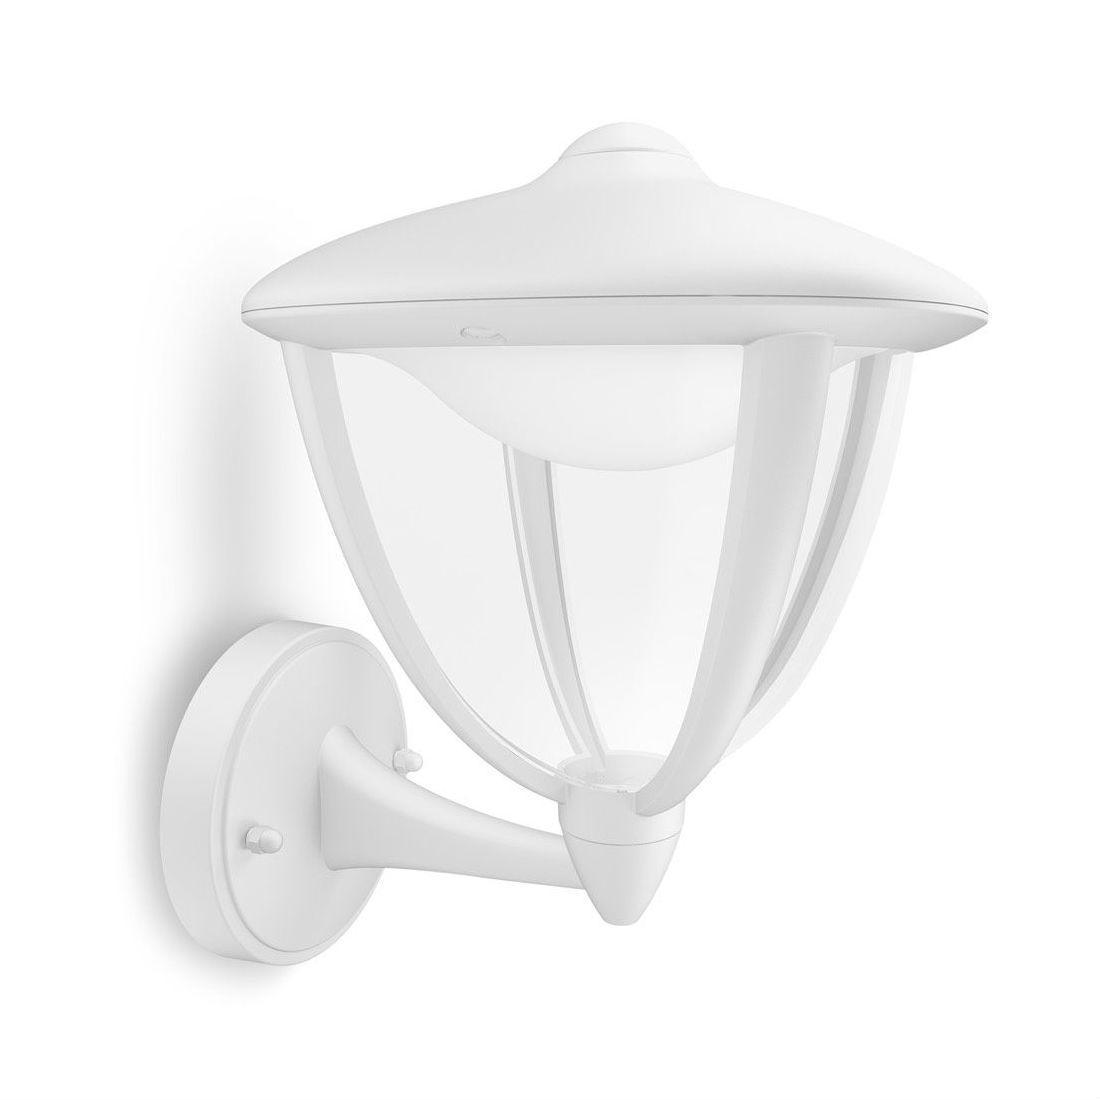 Applique Exterieur Philips avec robin - applique extérieur montante led blanc h24c - applique d'